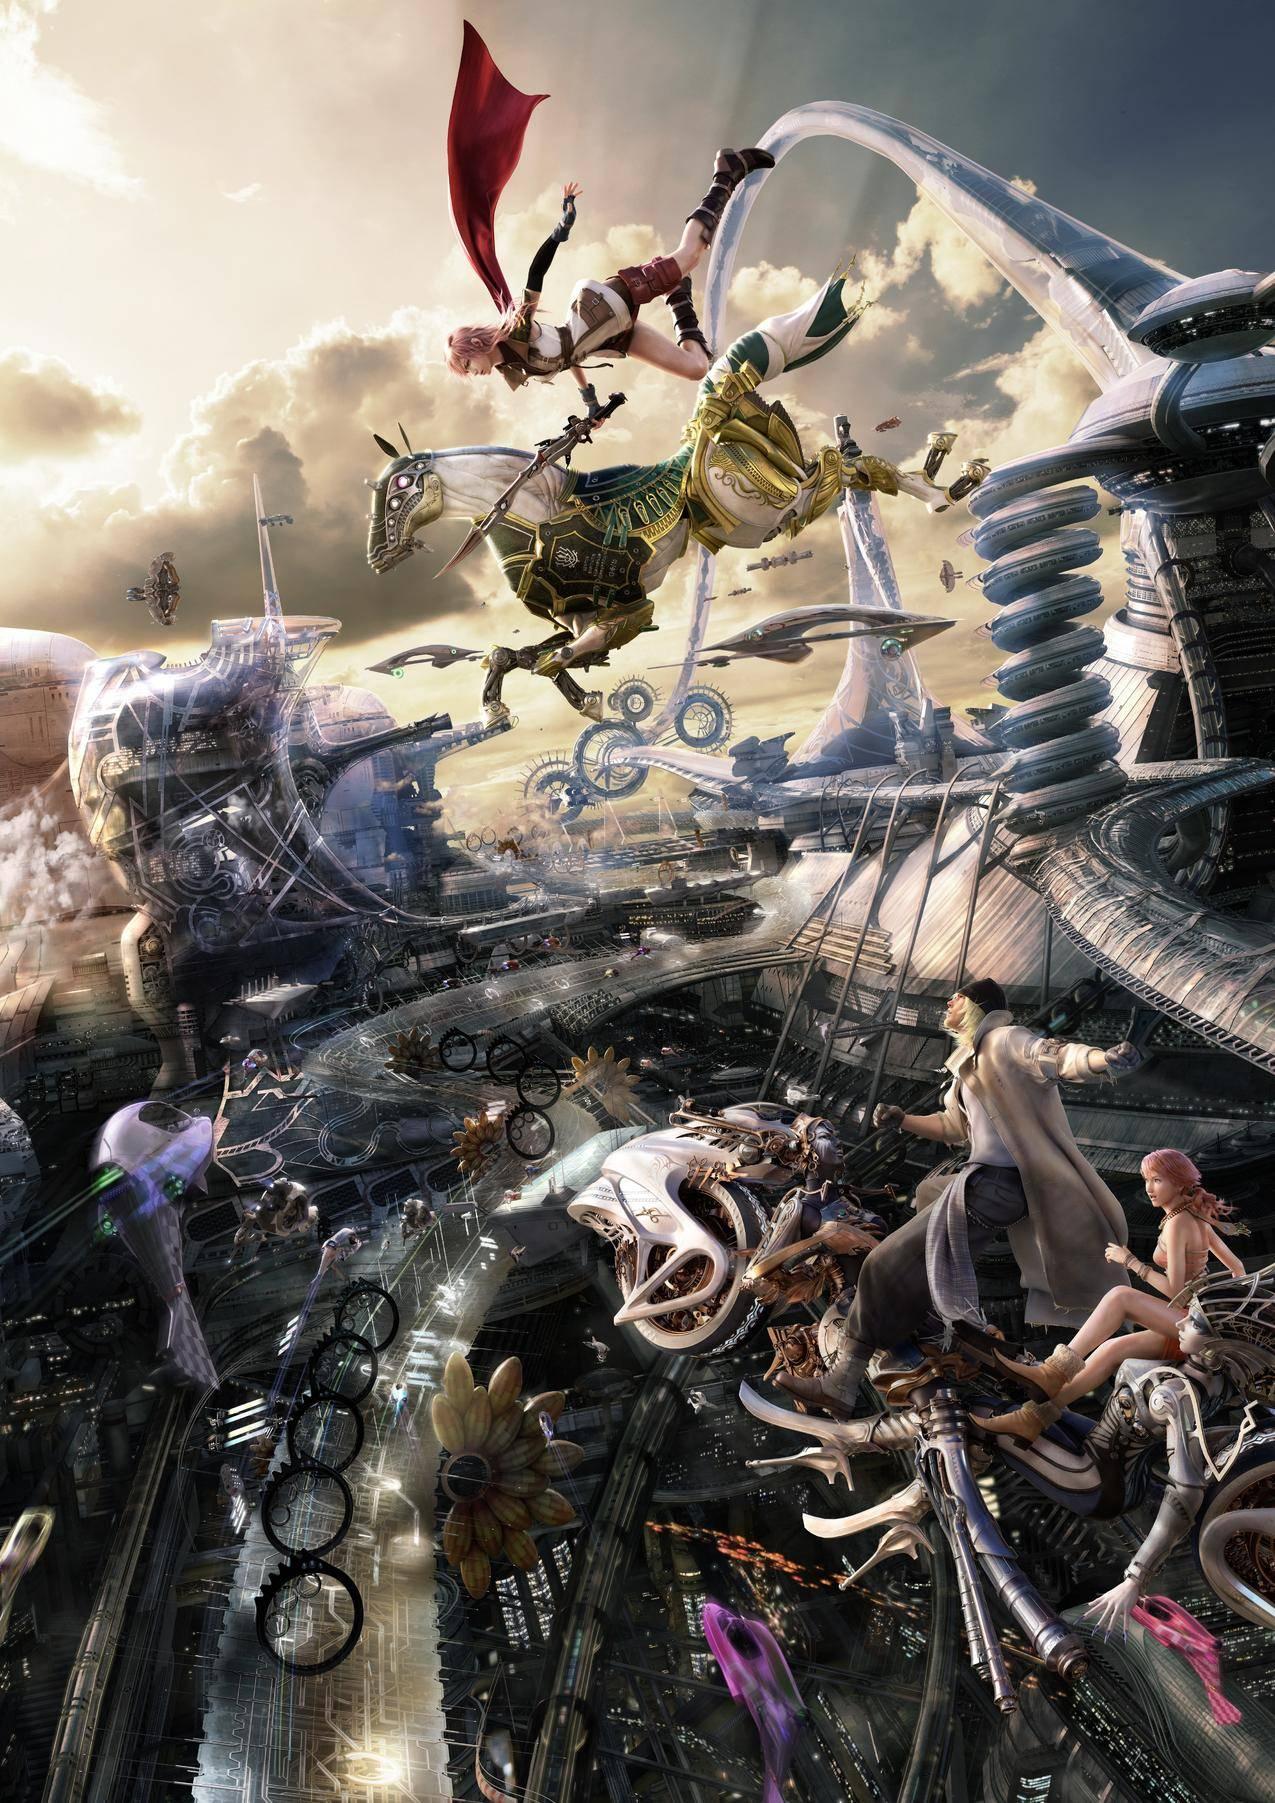 克雷夫拉伦,斯诺维利斯,奥尔巴迪亚瓦纳,FialValasyXIII,视频游戏,Eidolon,马,城市风光,宇宙飞船